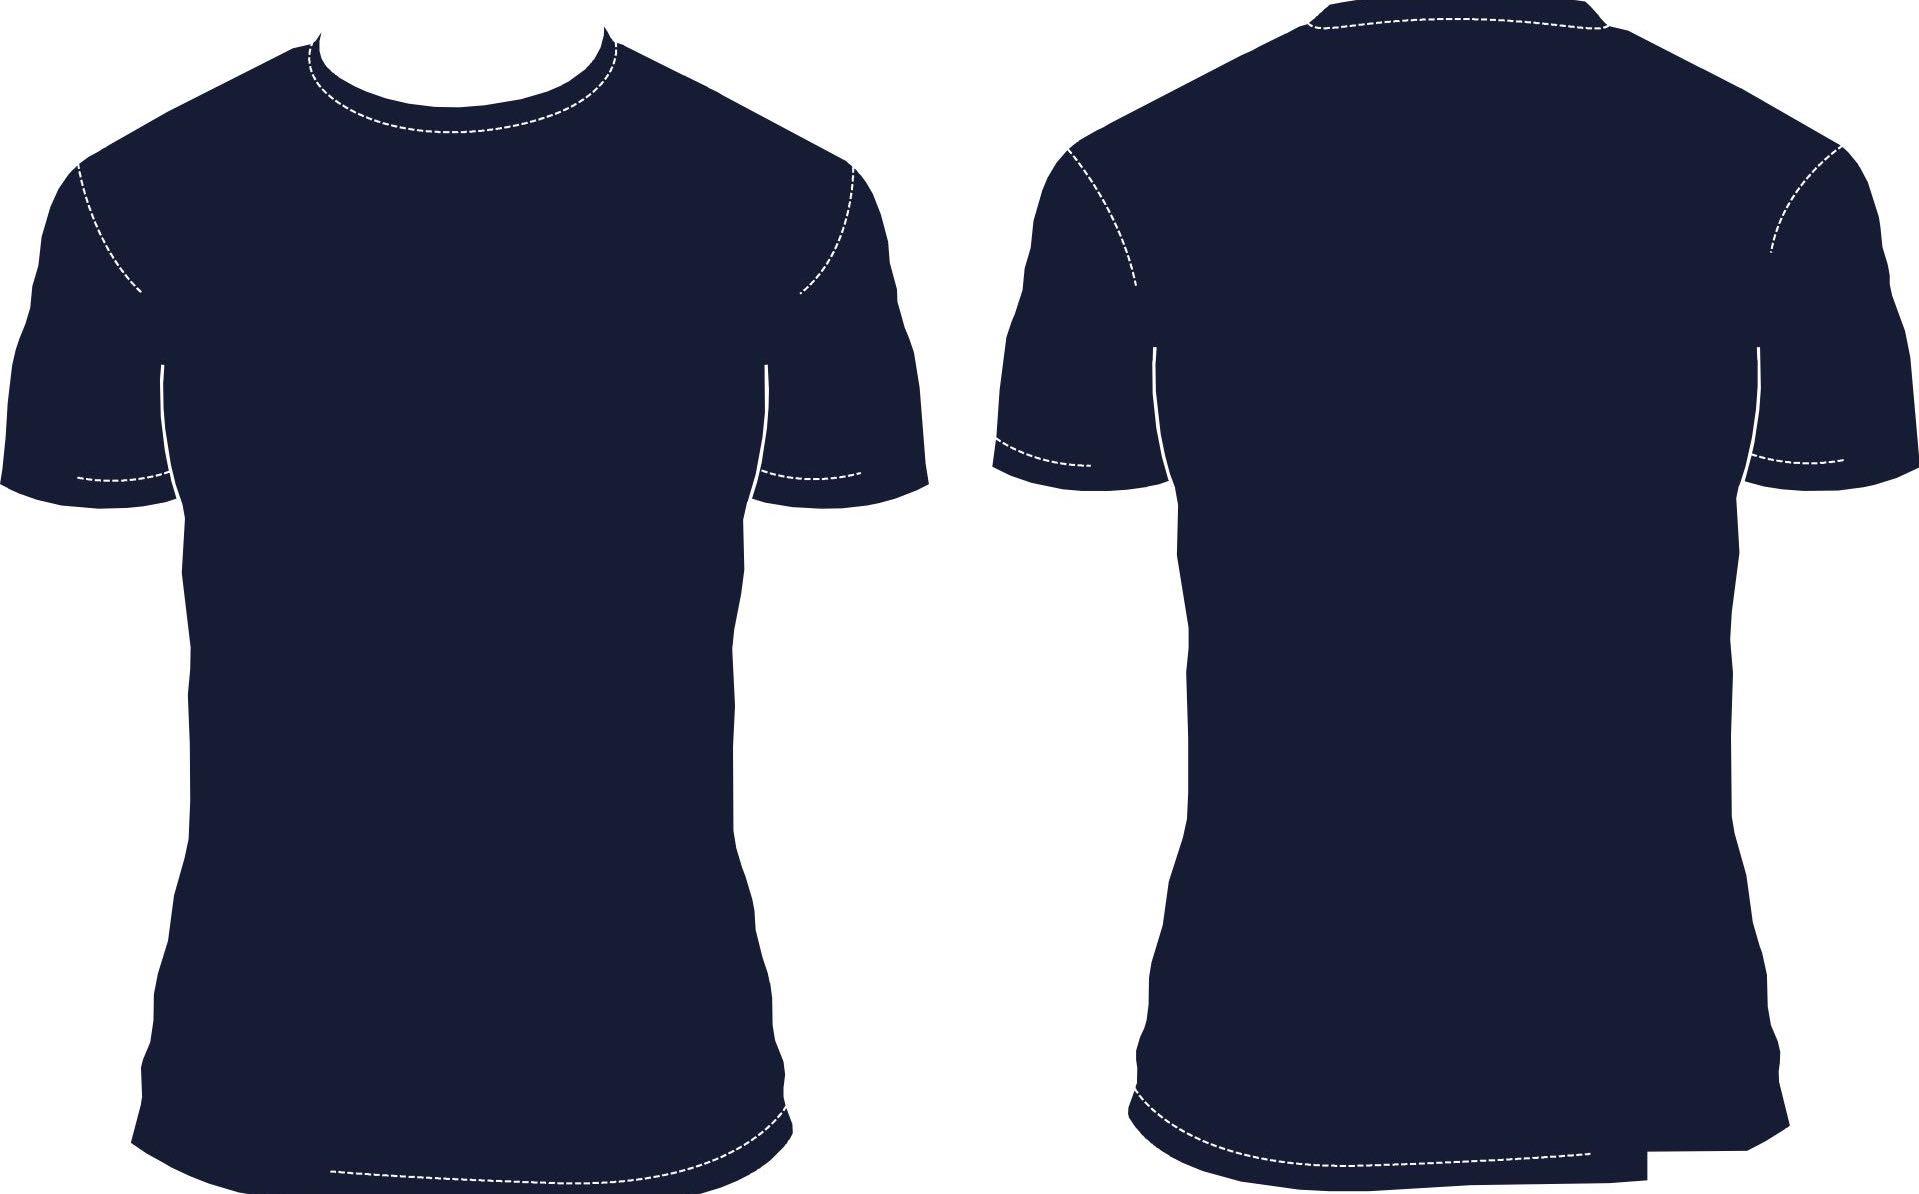 t-shirt-template-1093333